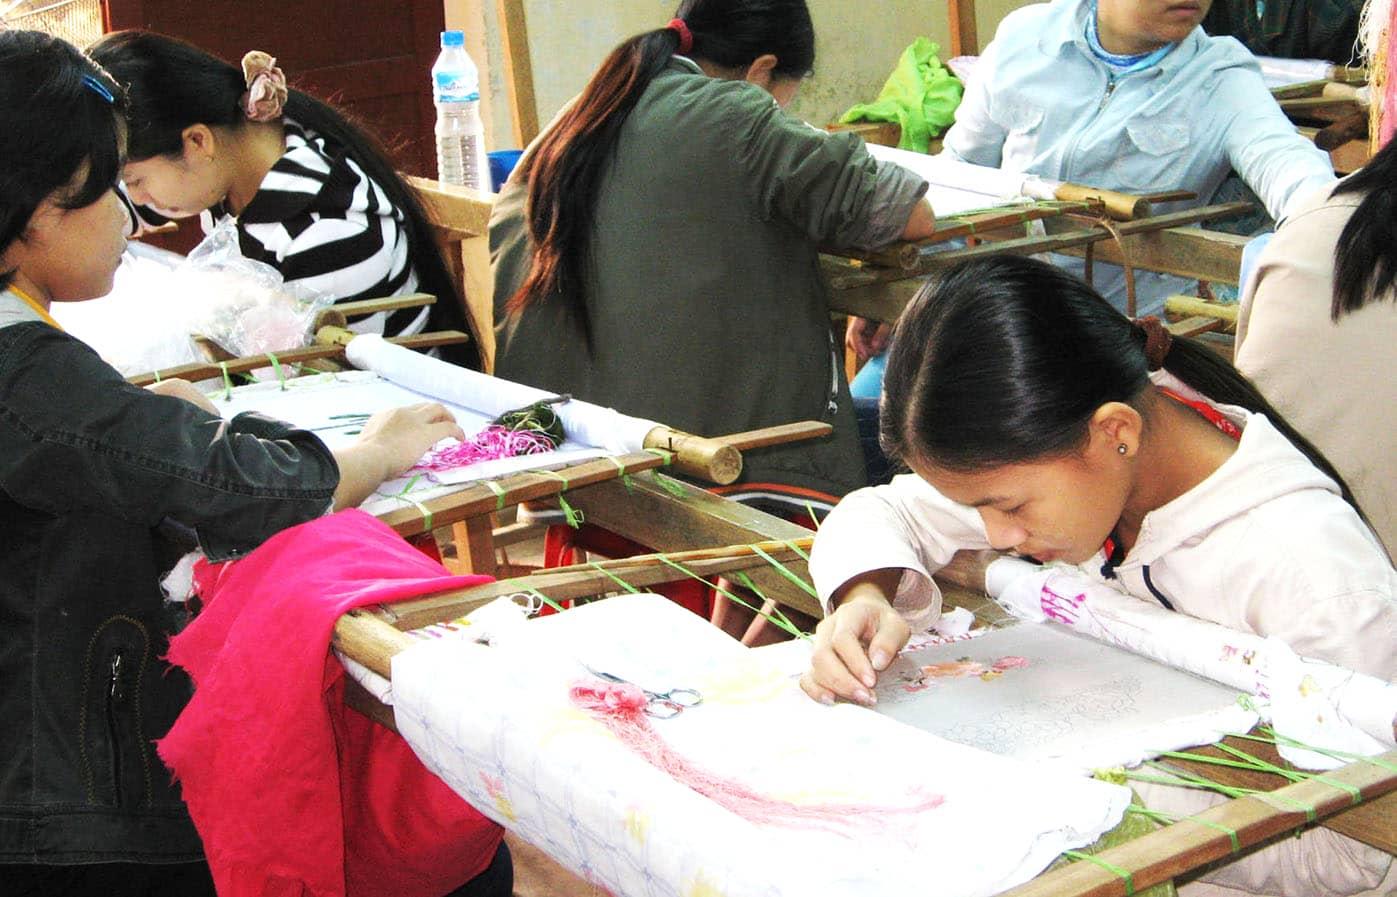 Đến Đà Nẵng không thể không mua đồ thêu ren thủ công